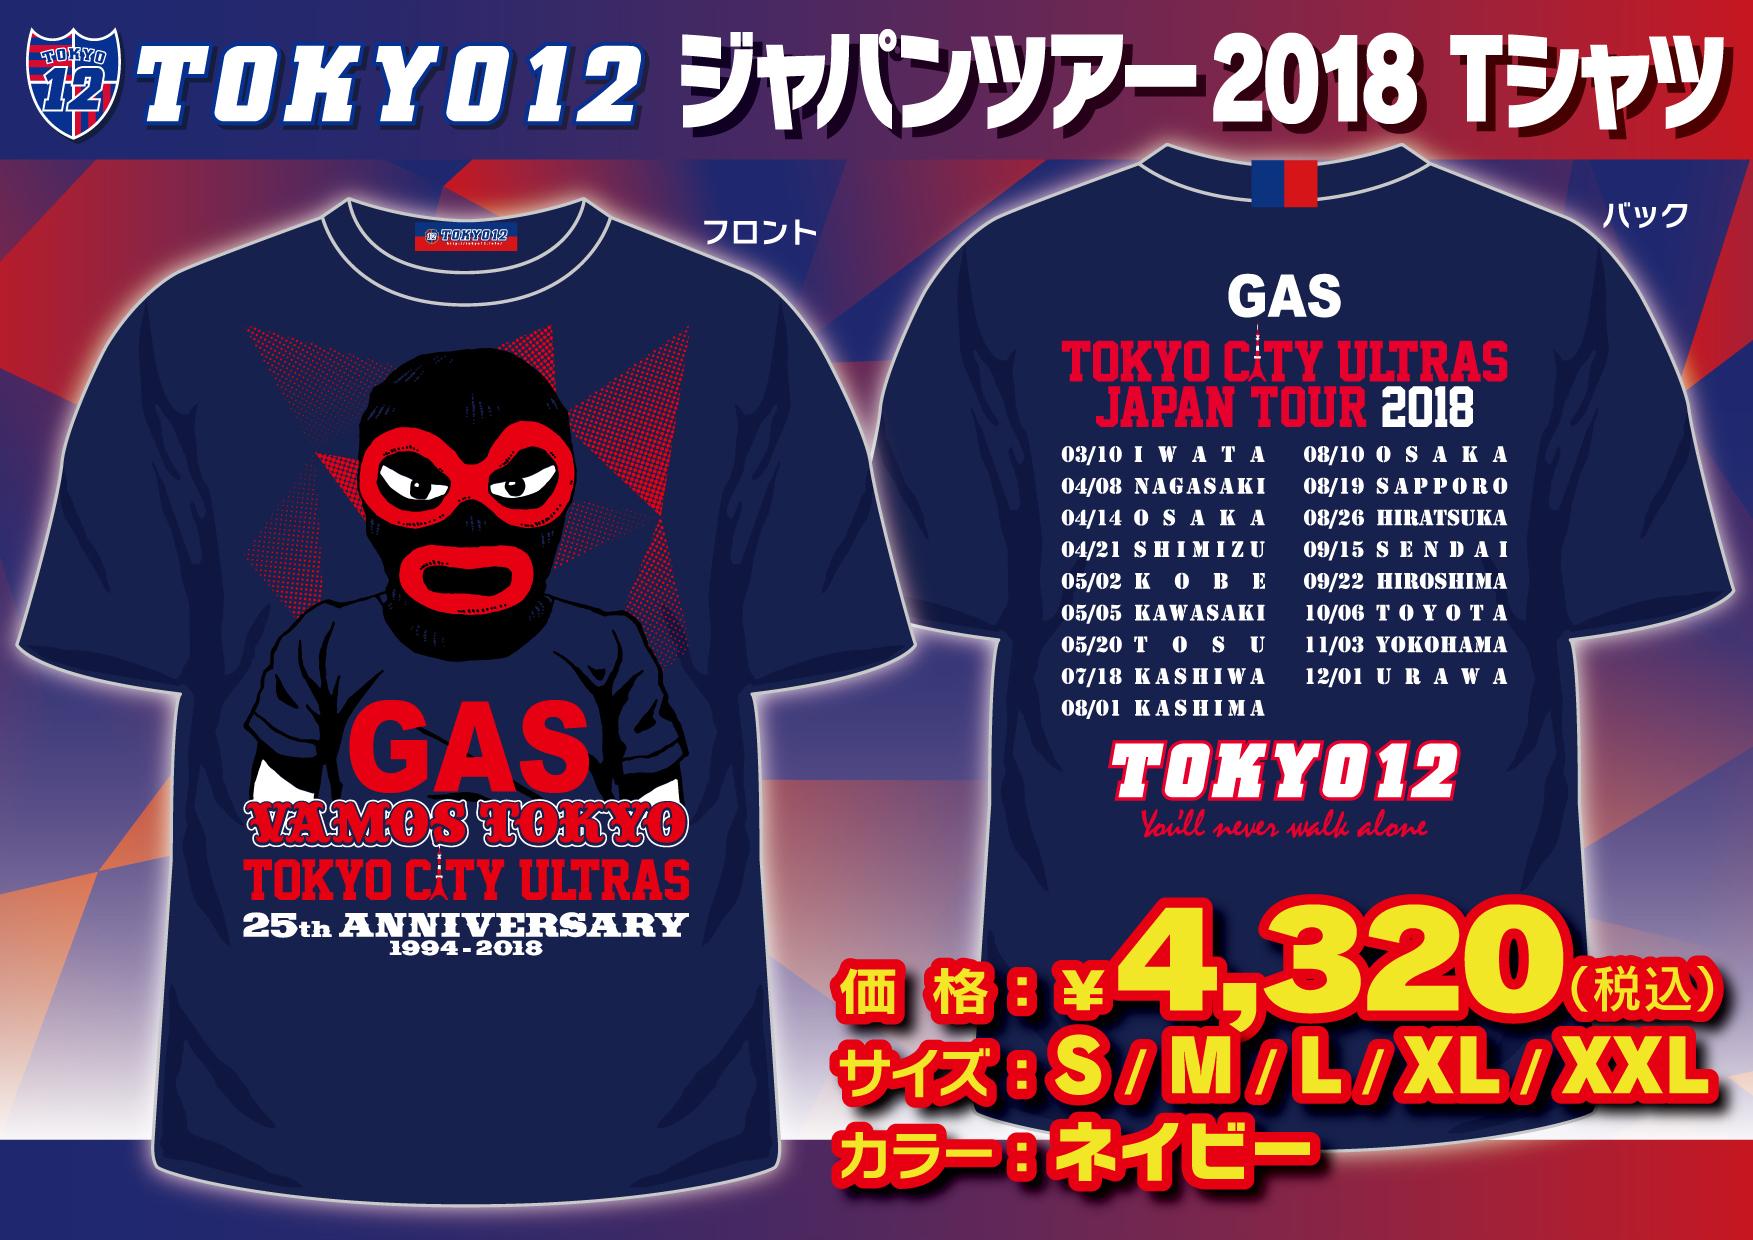 ジャパンツアー2018Tシャツ